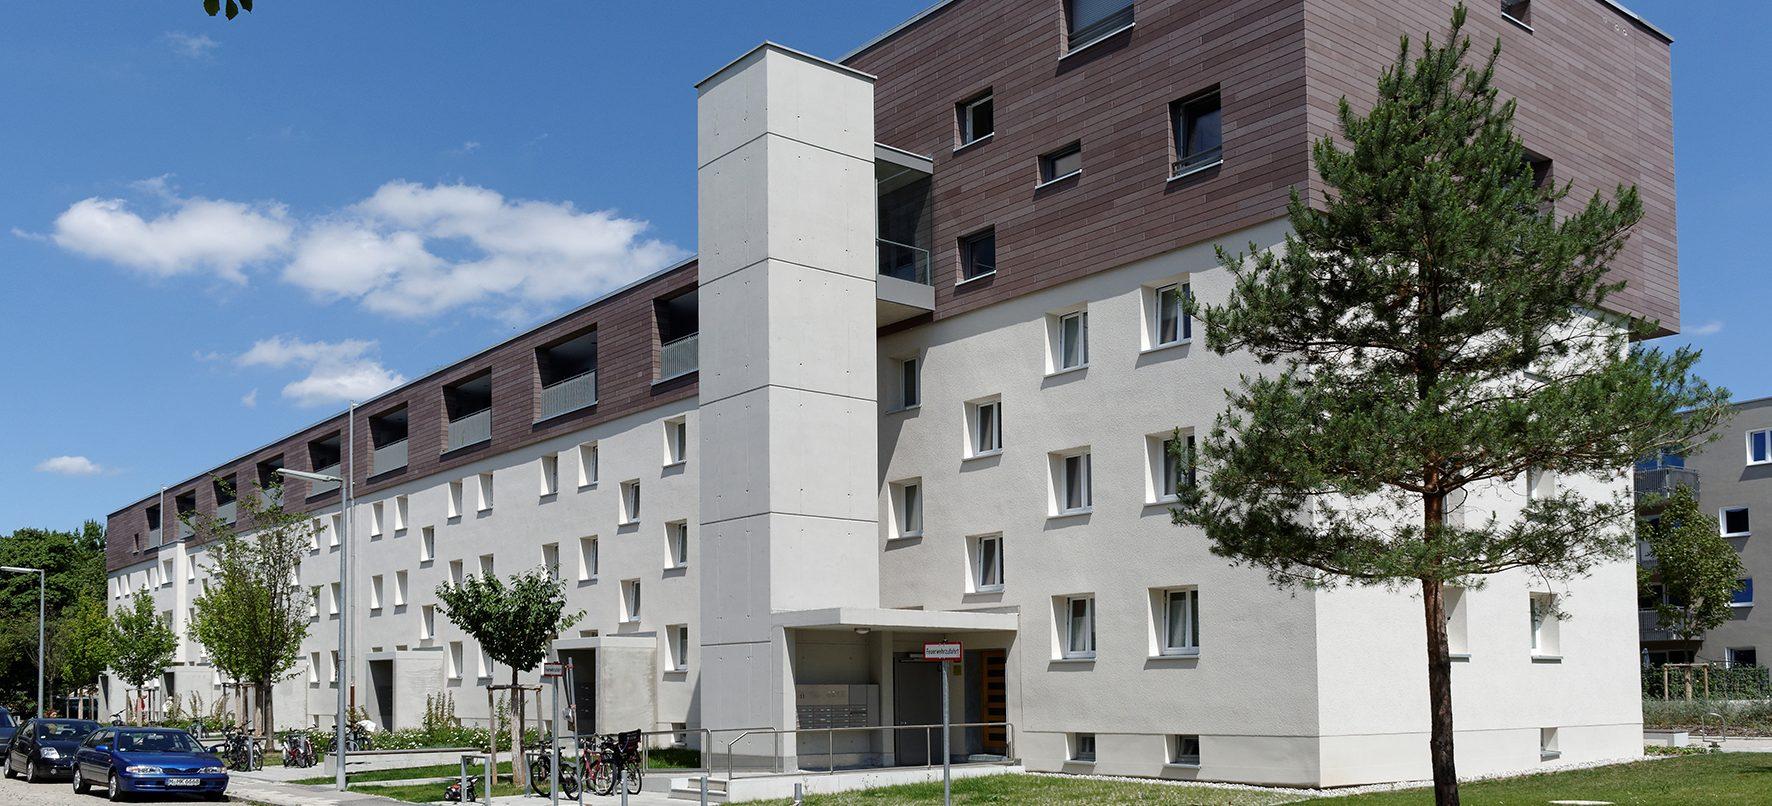 GEWOFAG München schafft Wohnraum